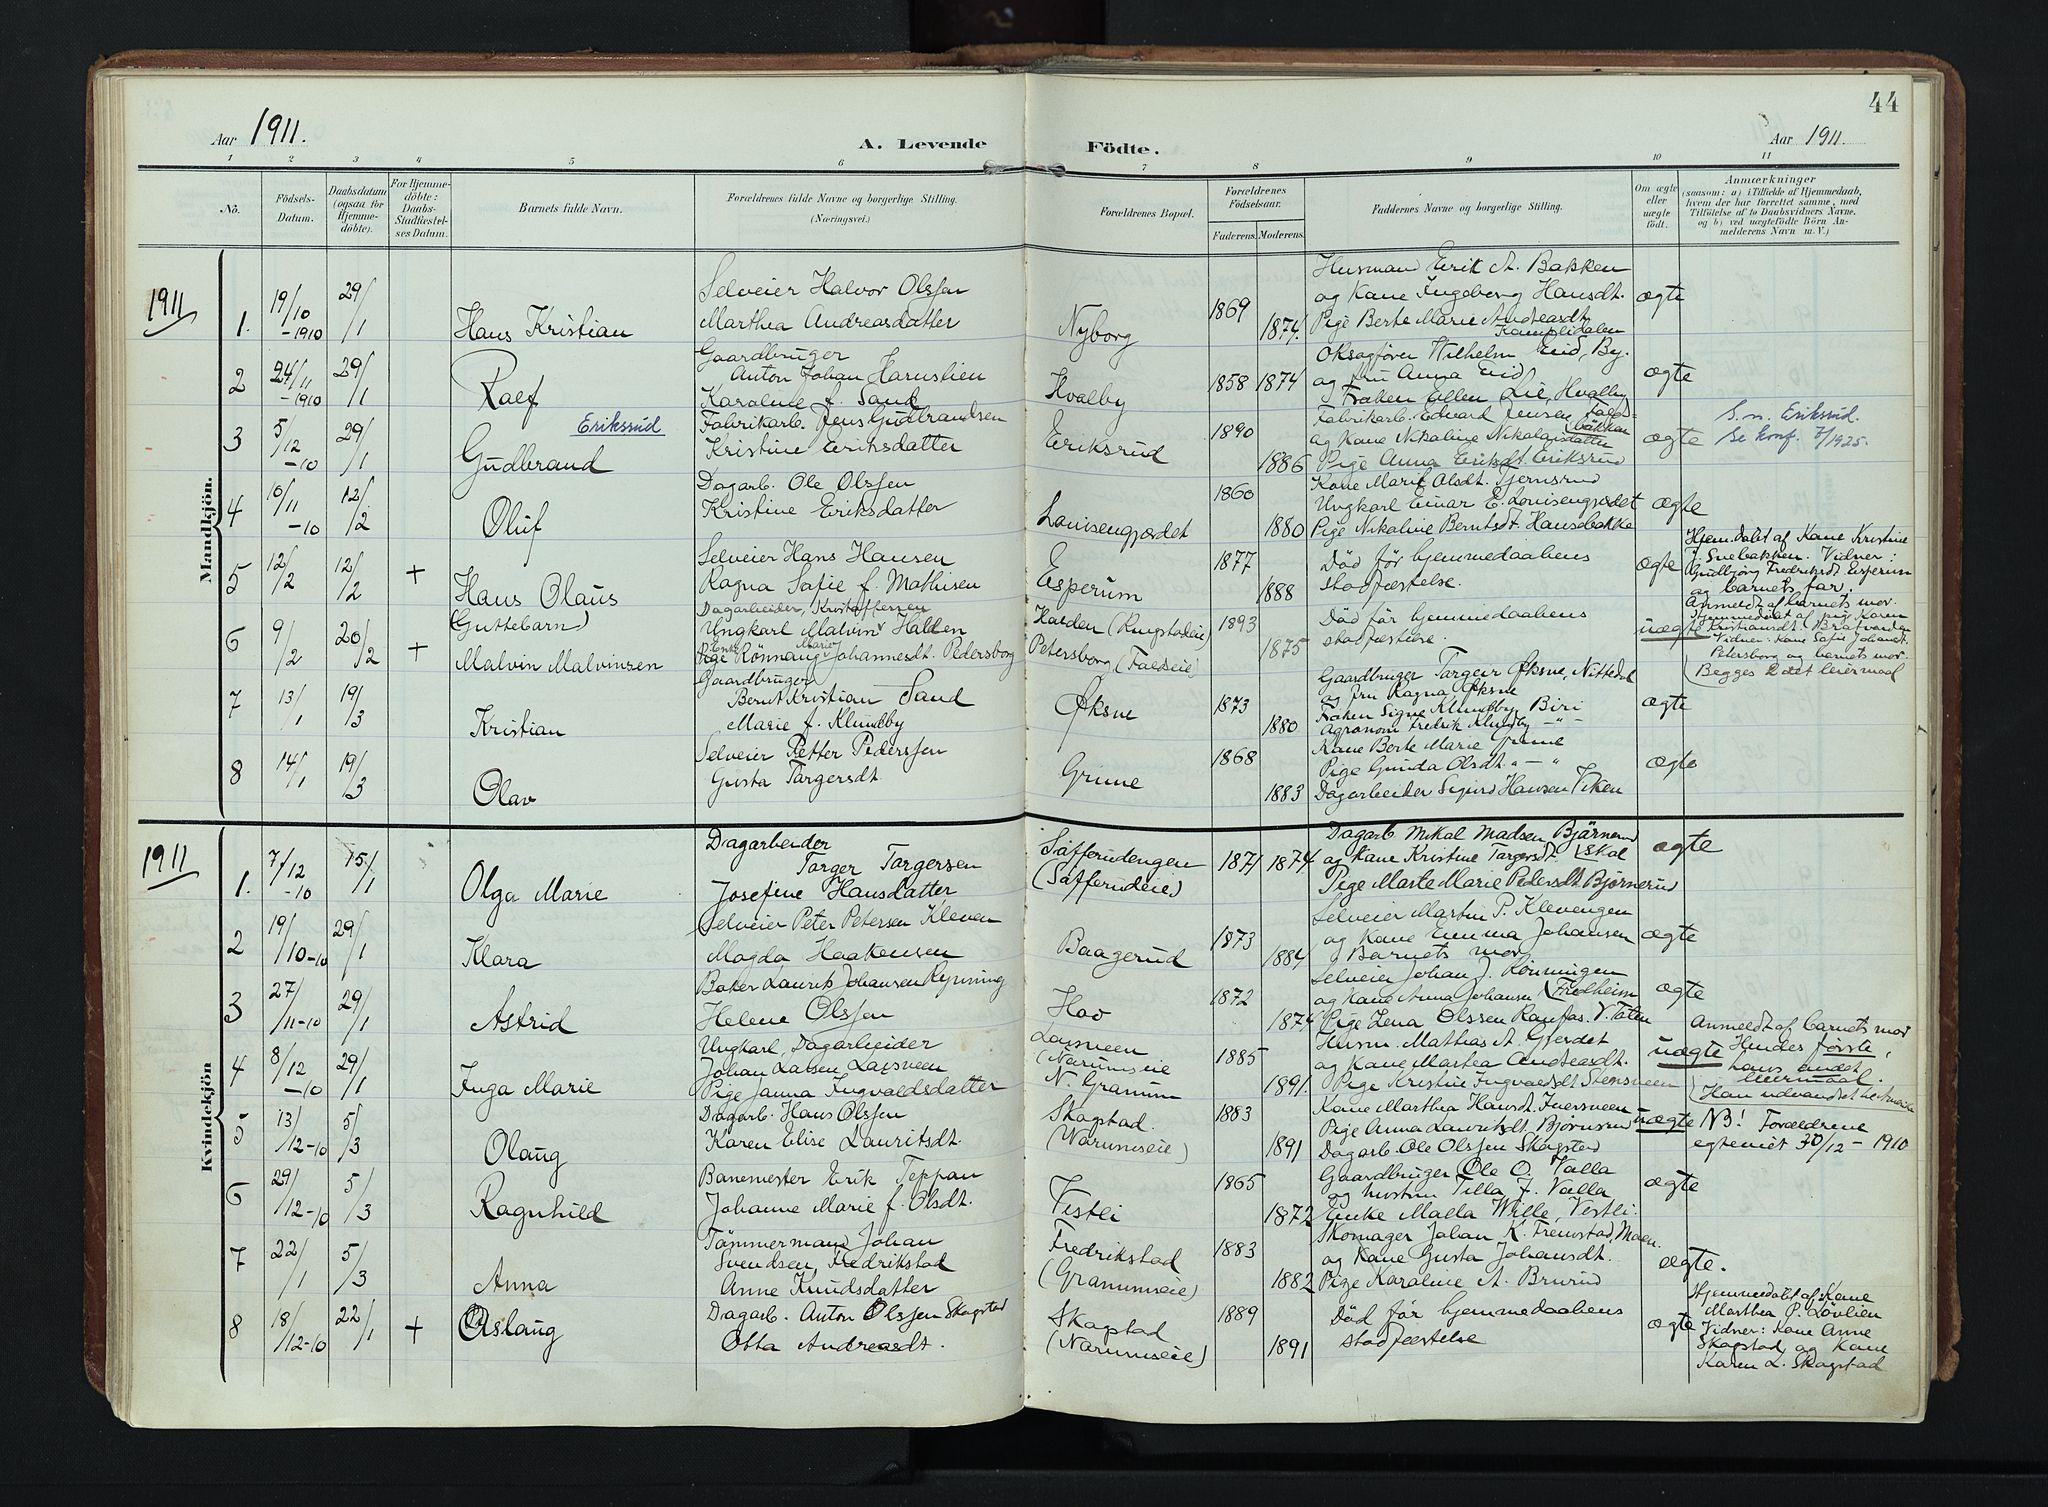 SAH, Søndre Land prestekontor, K/L0007: Ministerialbok nr. 7, 1905-1914, s. 44